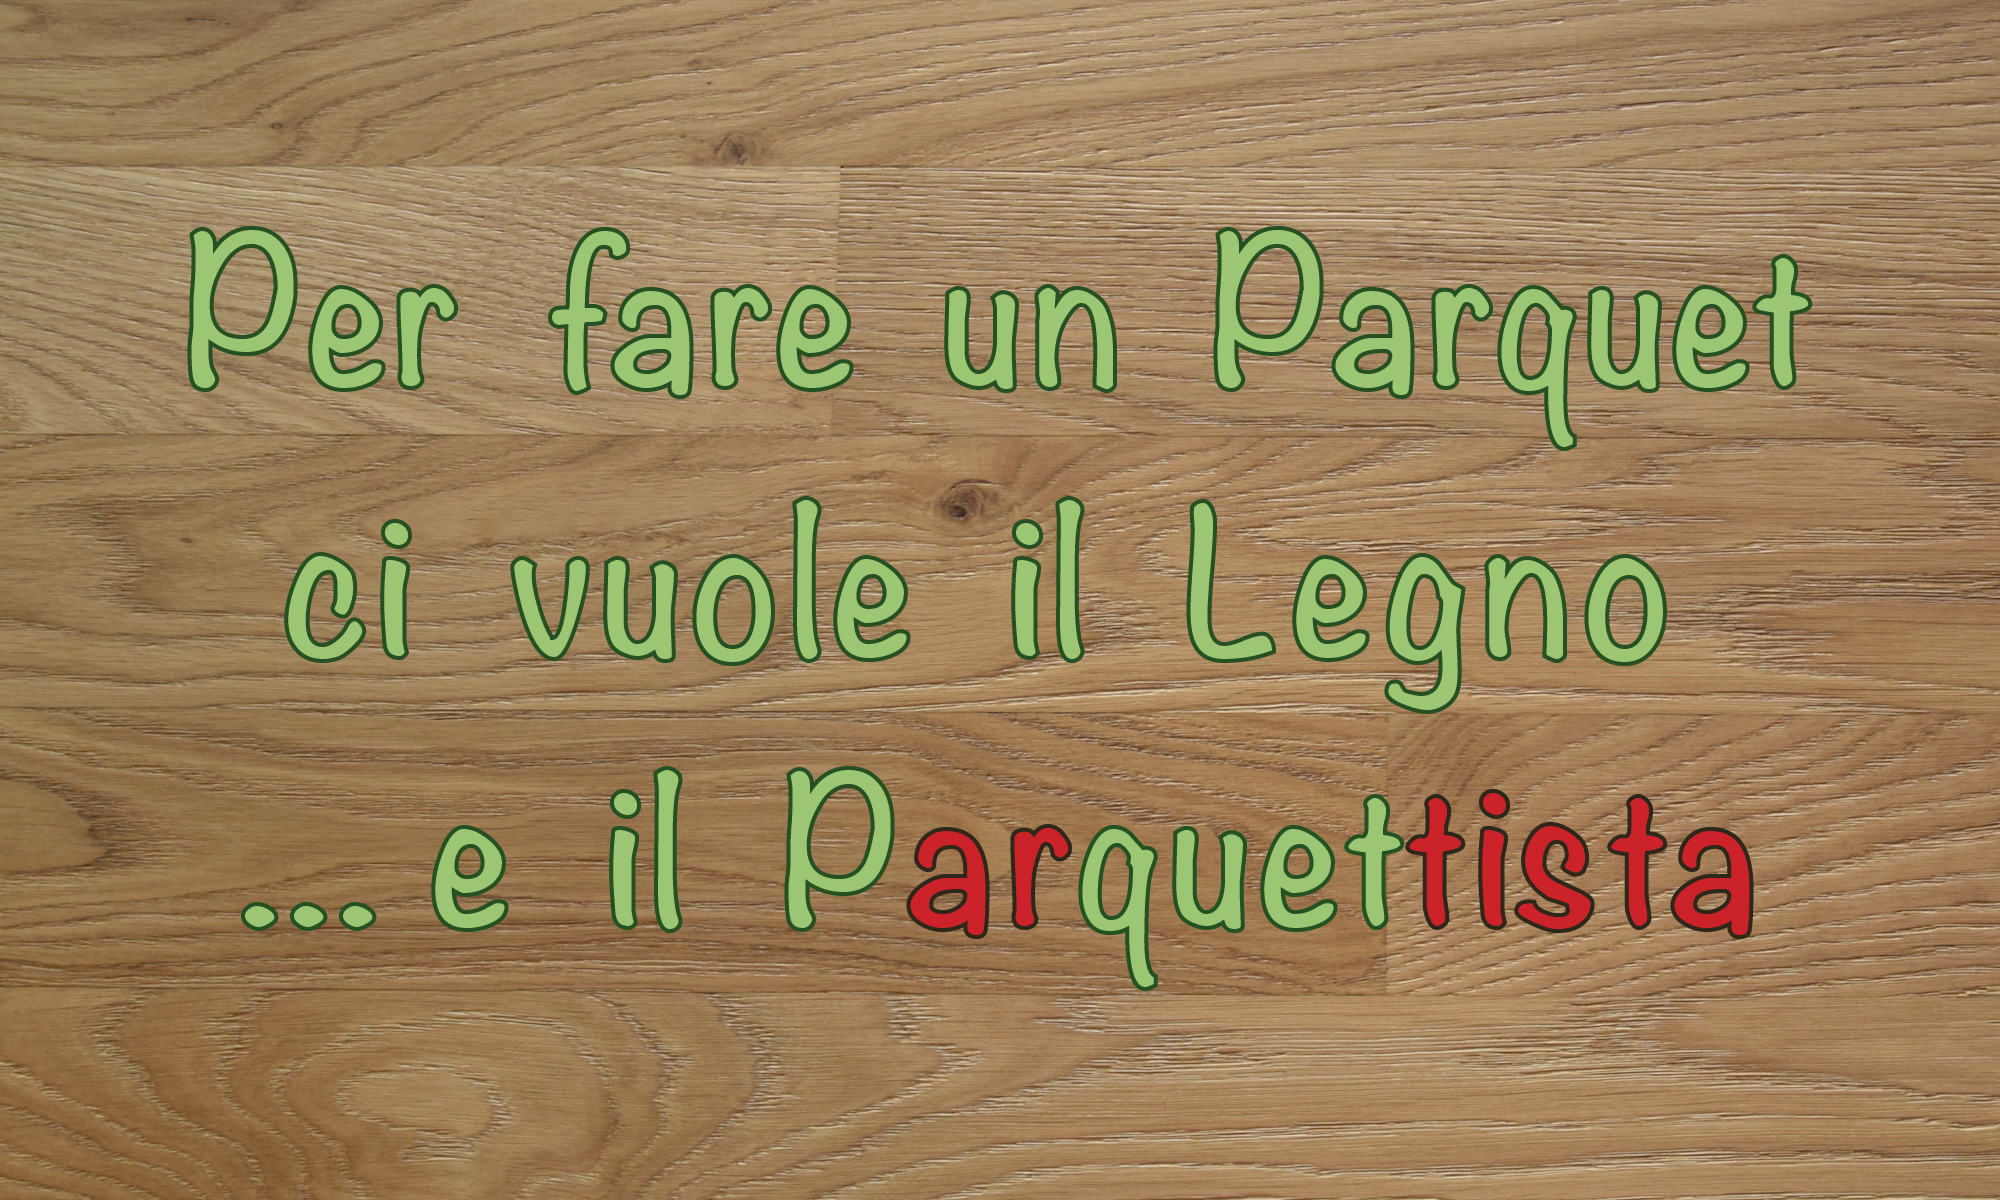 il Parquettista Antico Mestiere Per fare un Parquet ci vuole il legno ... e il parquettista artista La Sapienza è figlia dell' Esperienza Leonardo da Vinci